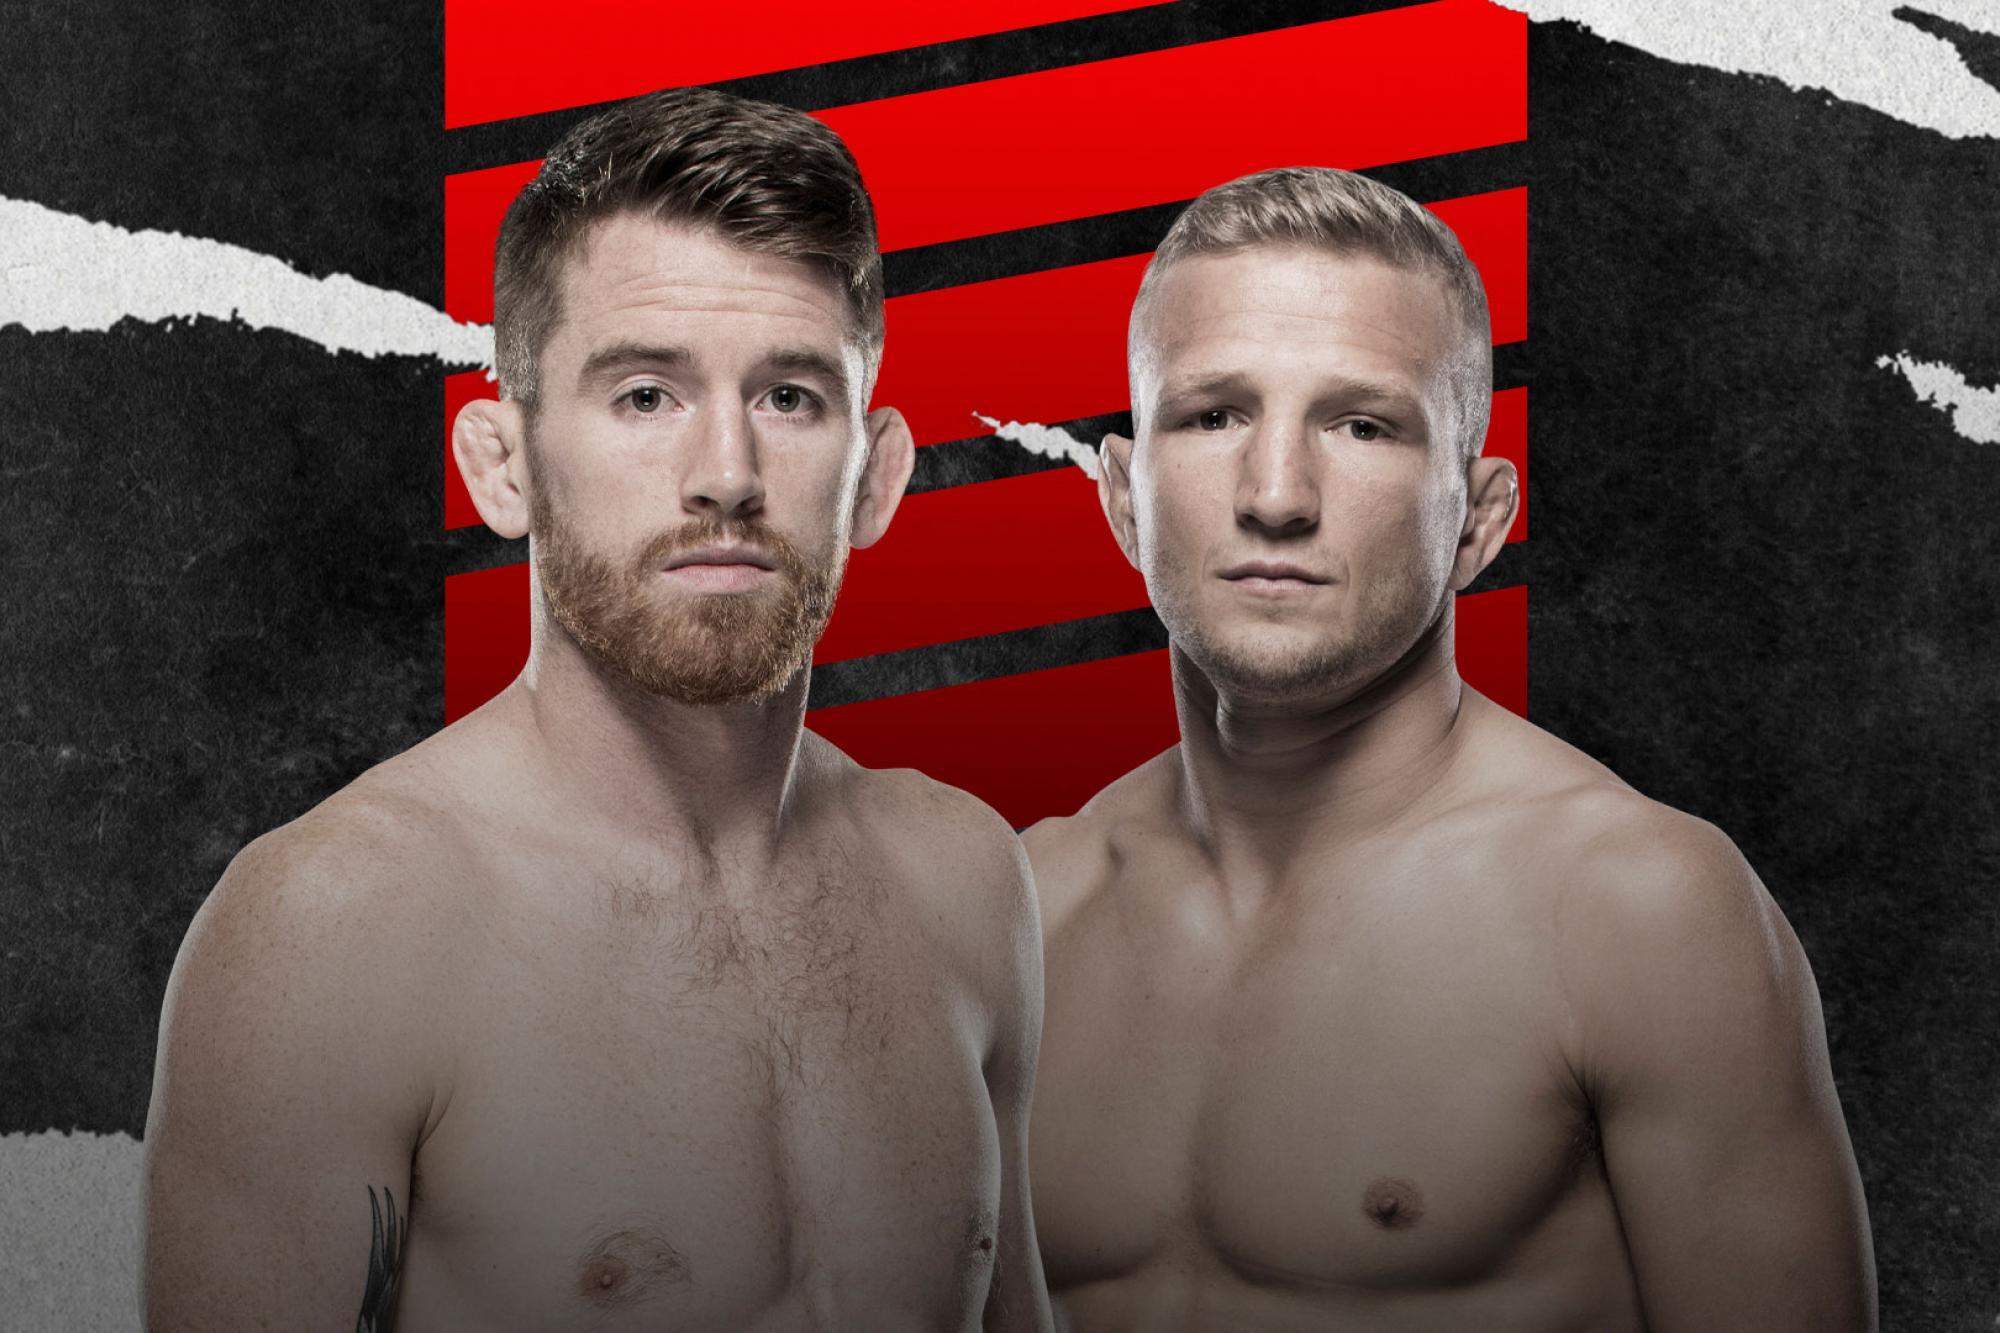 Corey Sandhagen vs TJ Dillashaw set for UFC Fight Night on Saturday, May 8